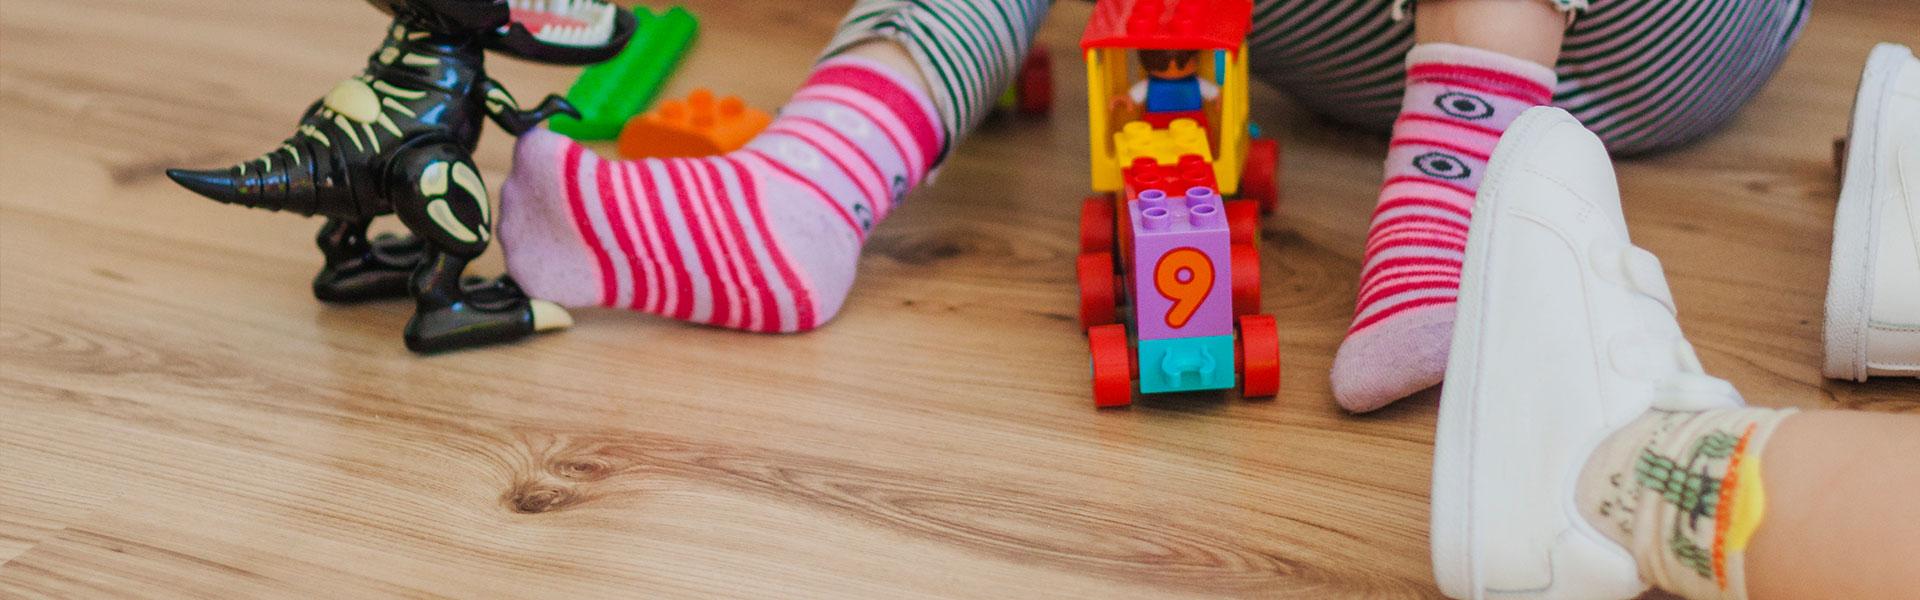 Kinder beim Spielen auf dem Fussboden